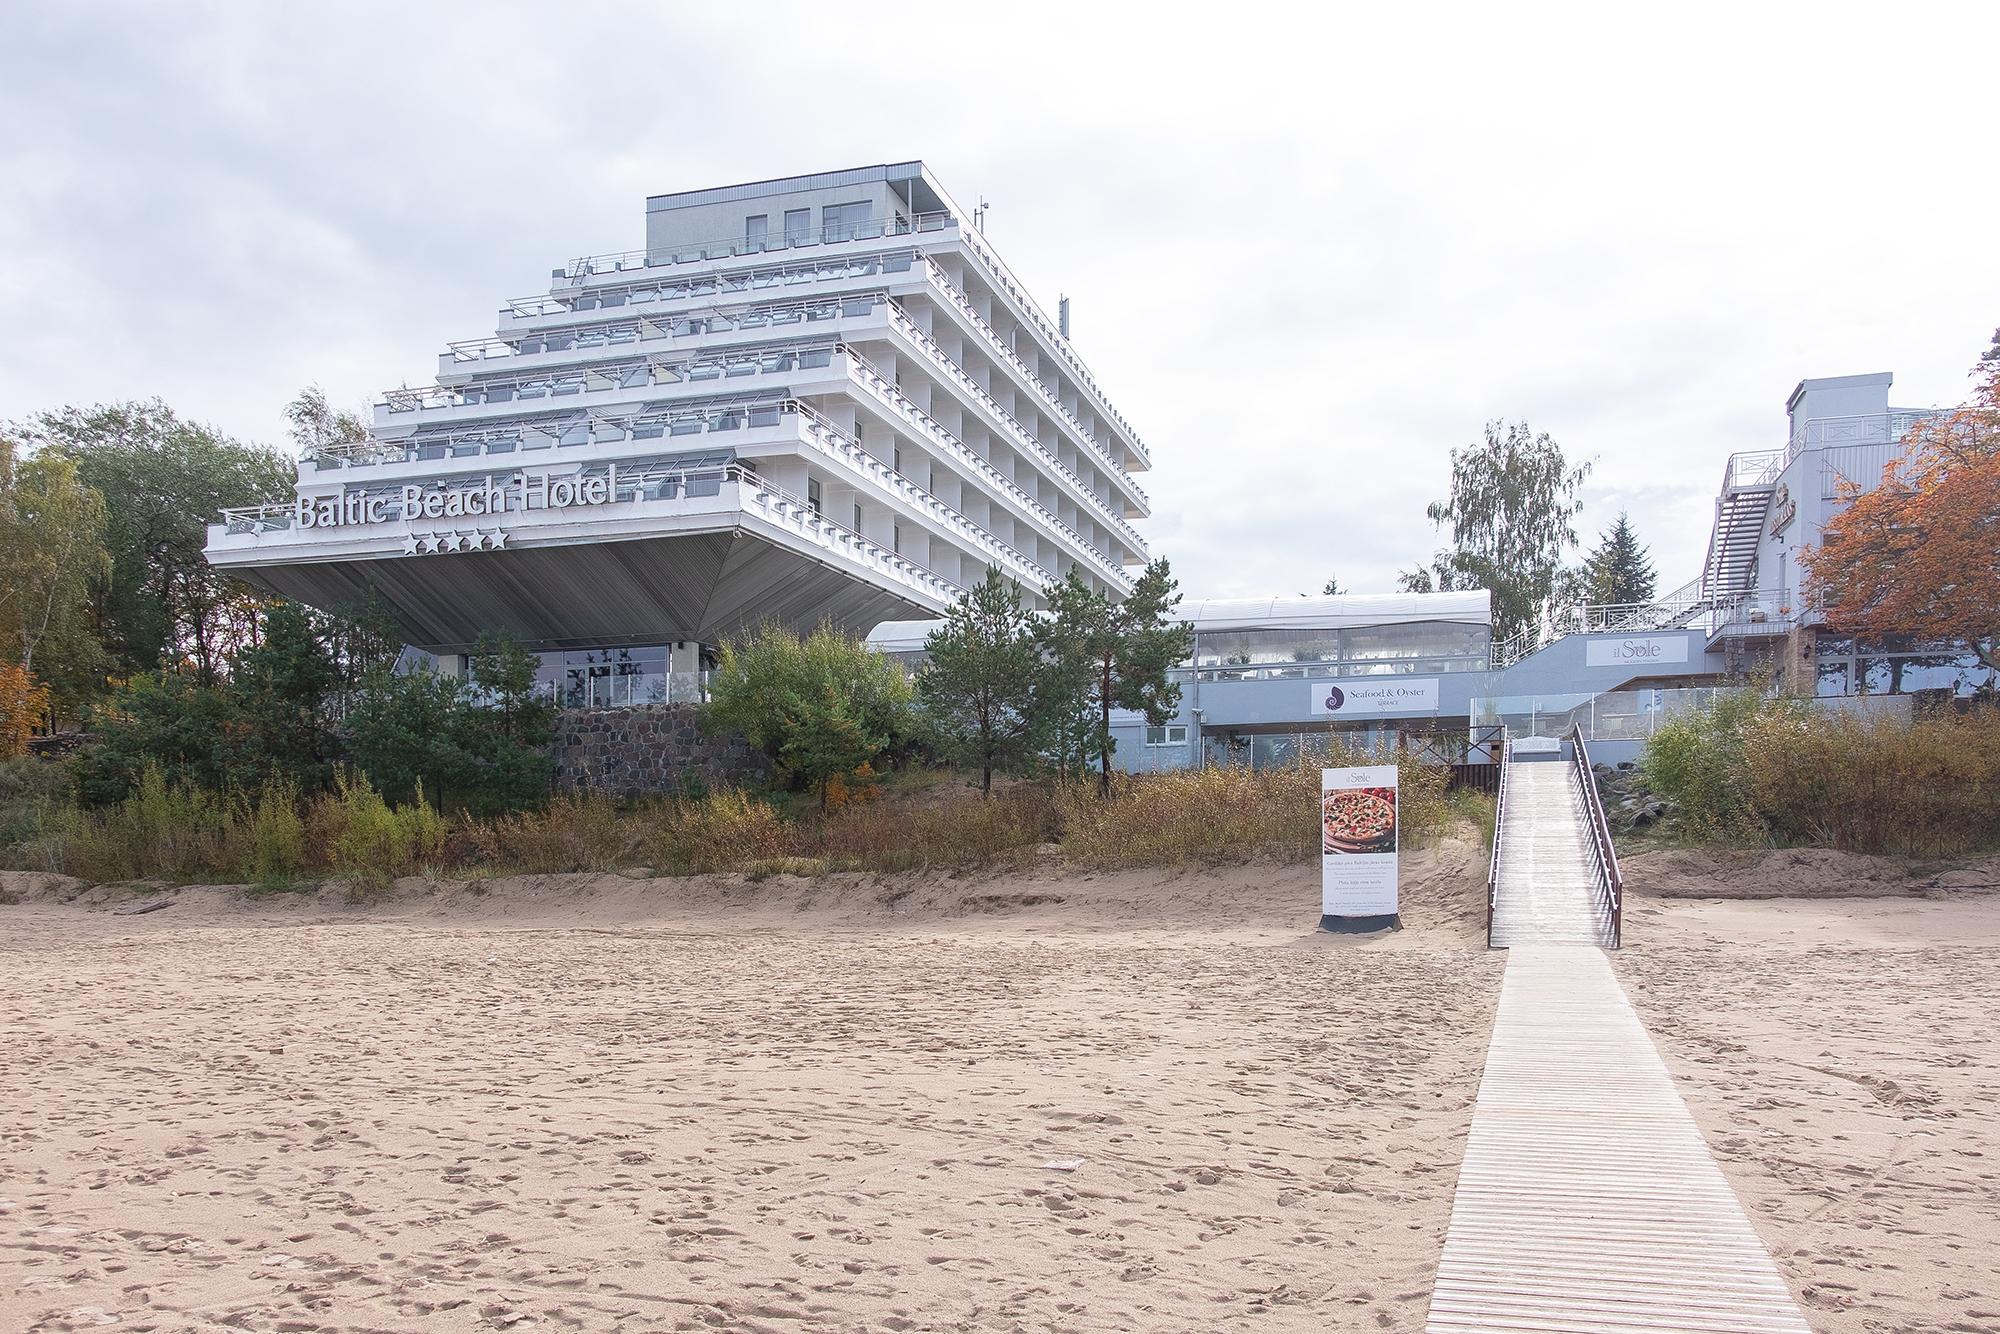 Как в Европе сохраняют наследие совка Юрмала, летом, только, чтото, всего, когда, конечно, достаточно, санаторий, поселок, очень, собственно, домики, город, родом, гостиницей, Baltic, Балтика, Beach, фактически